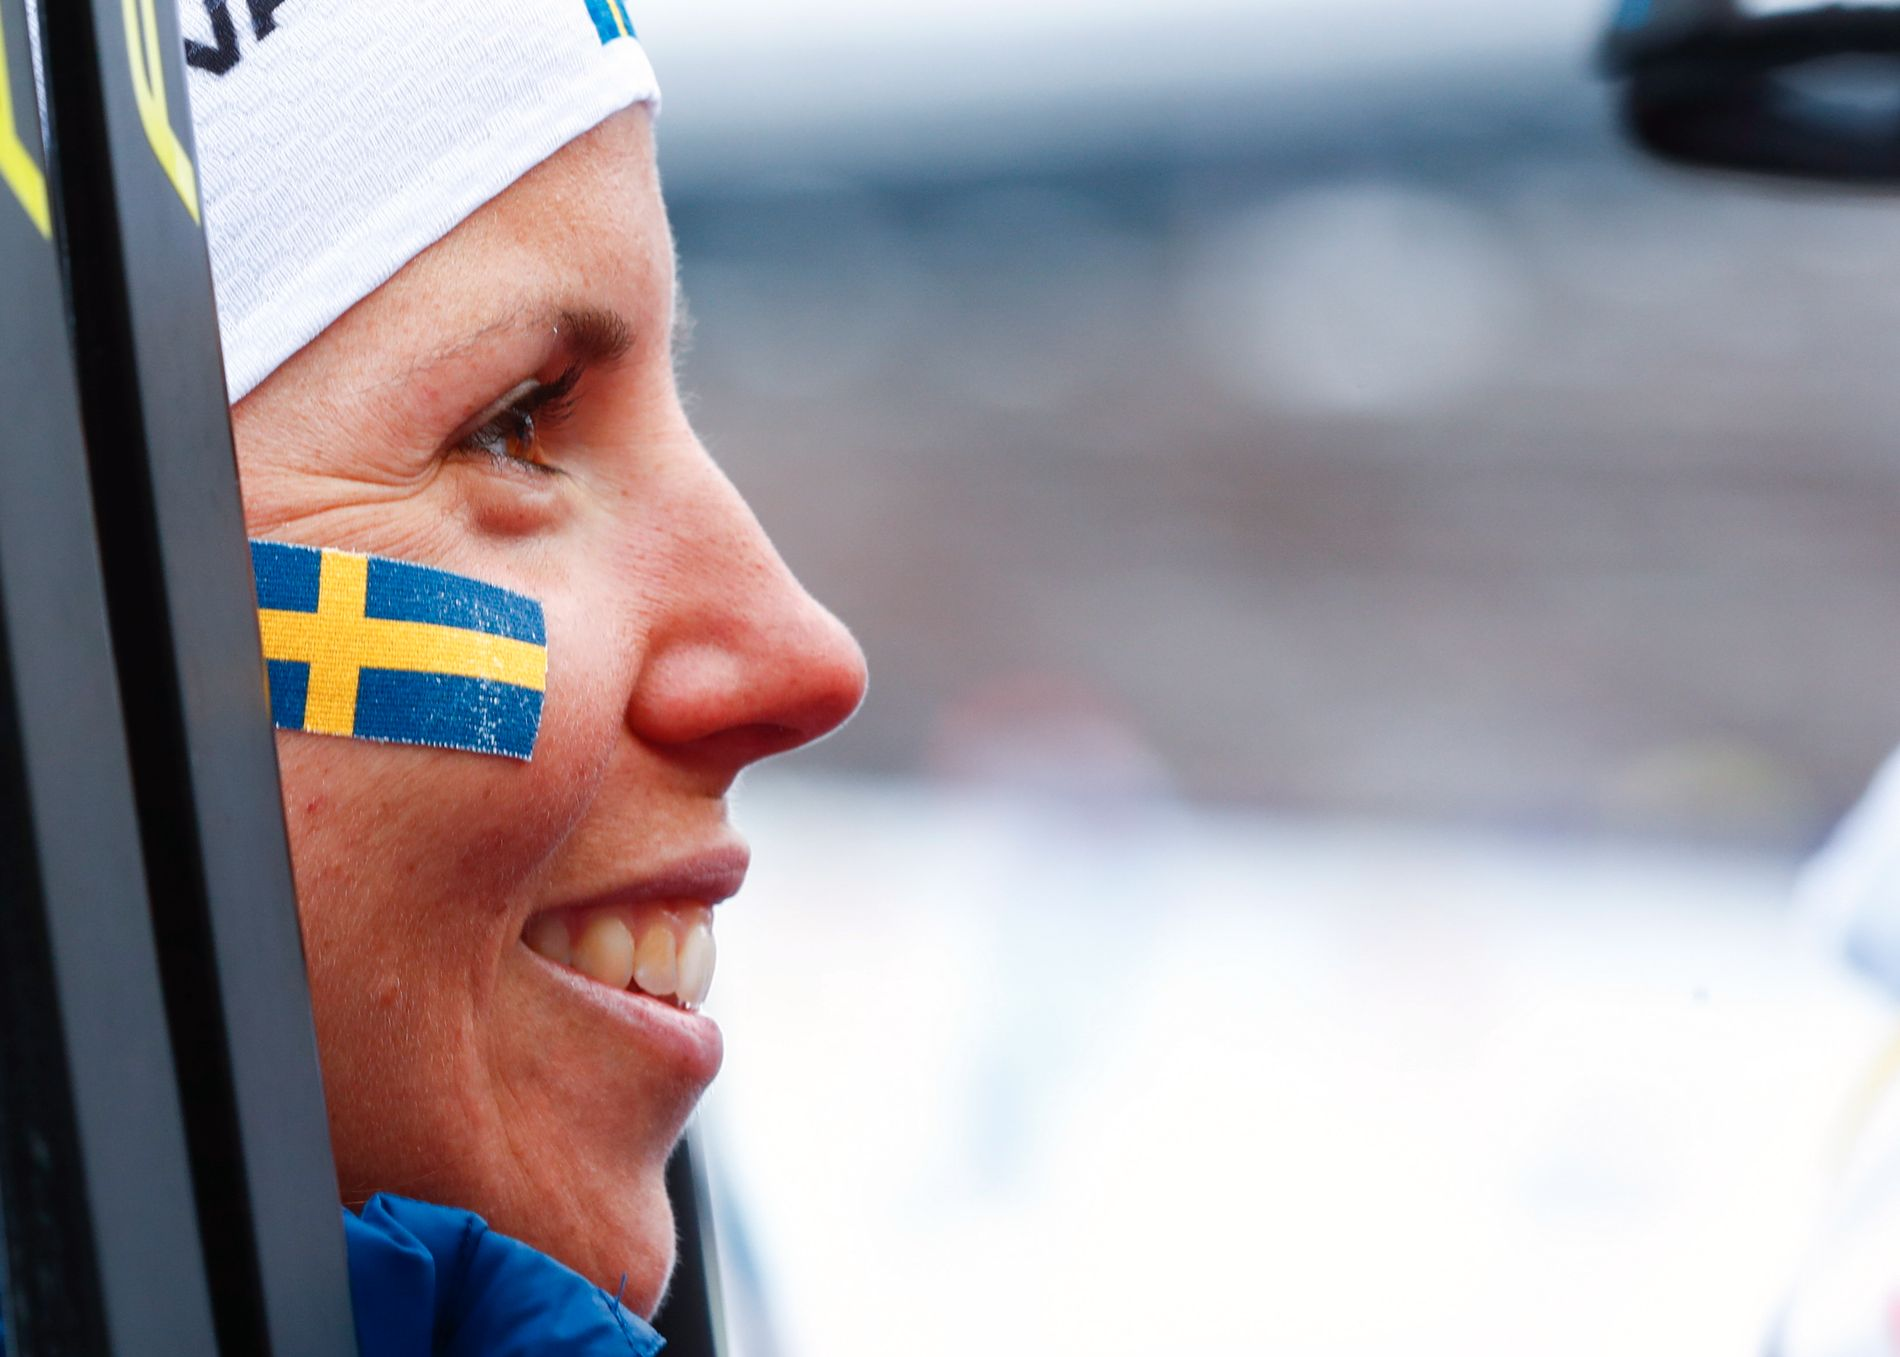 BLÅGUL NEDTUR: Charlotte Kalla og svenske utøvere må vente lenge før det eventuelt blir vinter-OL på hjemmebane, etter at Stockholm nå signaliserer at de ikke vil søke om OL i 2026.